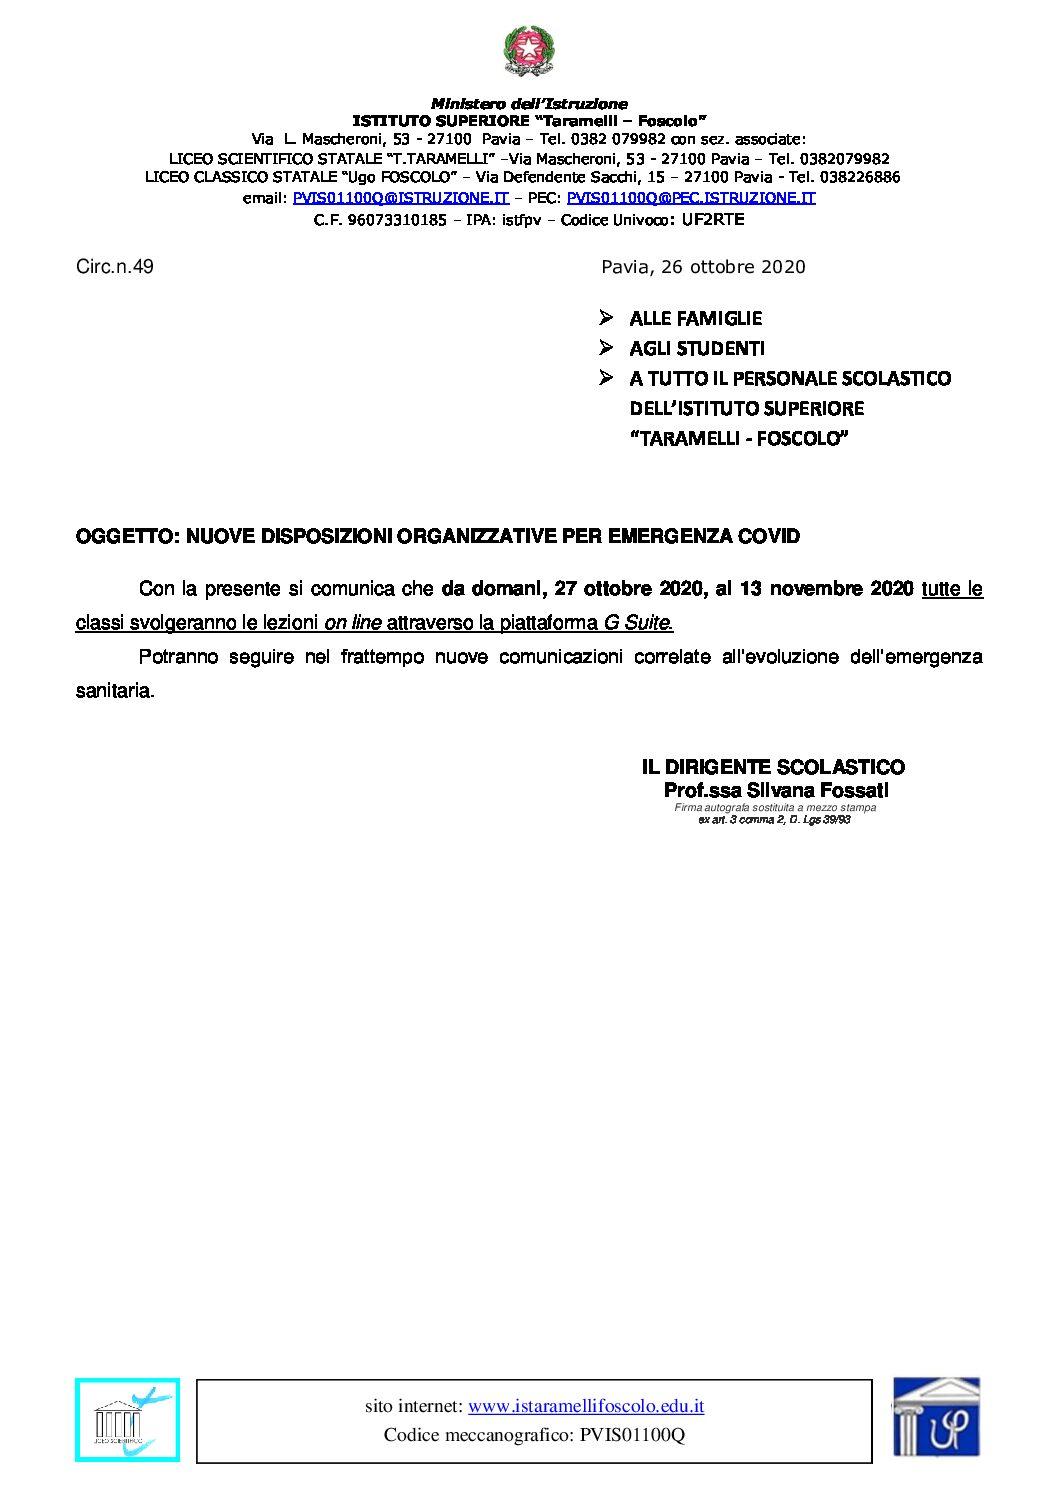 CIRC.N.49 Nuove disposizioni organizzative per emergenza Covid dal 27.10.2020